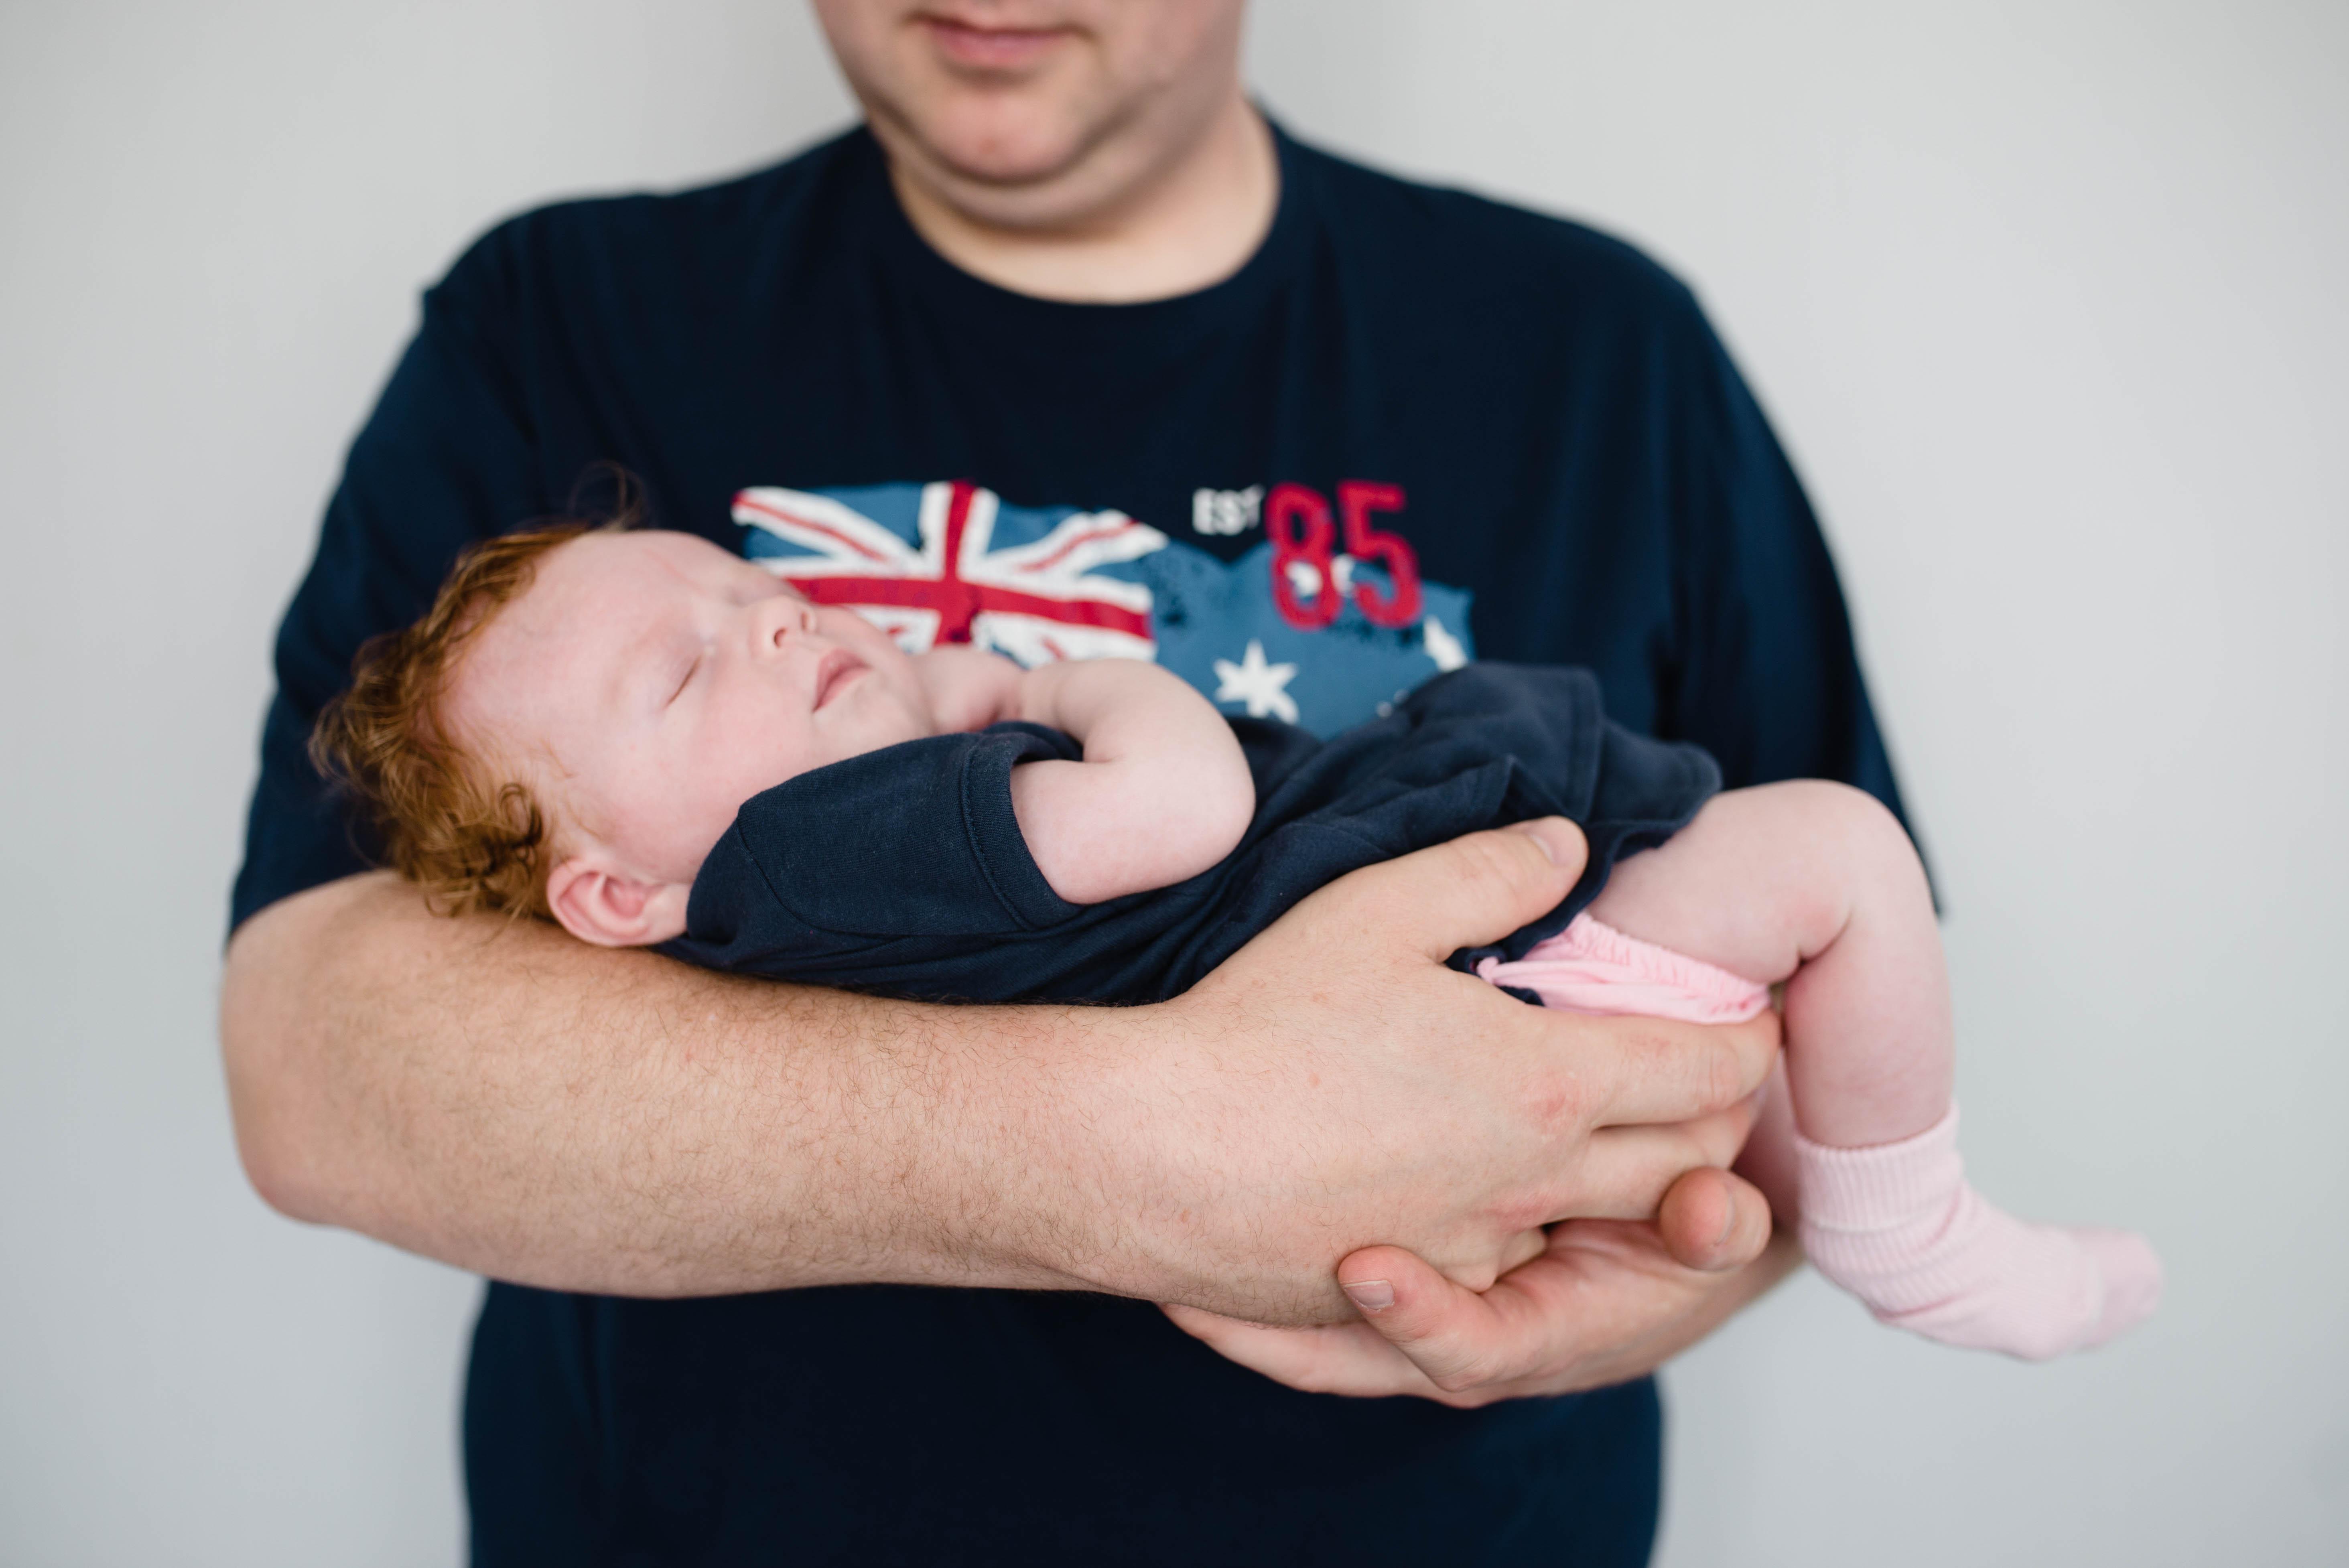 Lieve baby Lieke door Laurie Karine de fotograaf uit Oud-Beijerland (1 van 1)